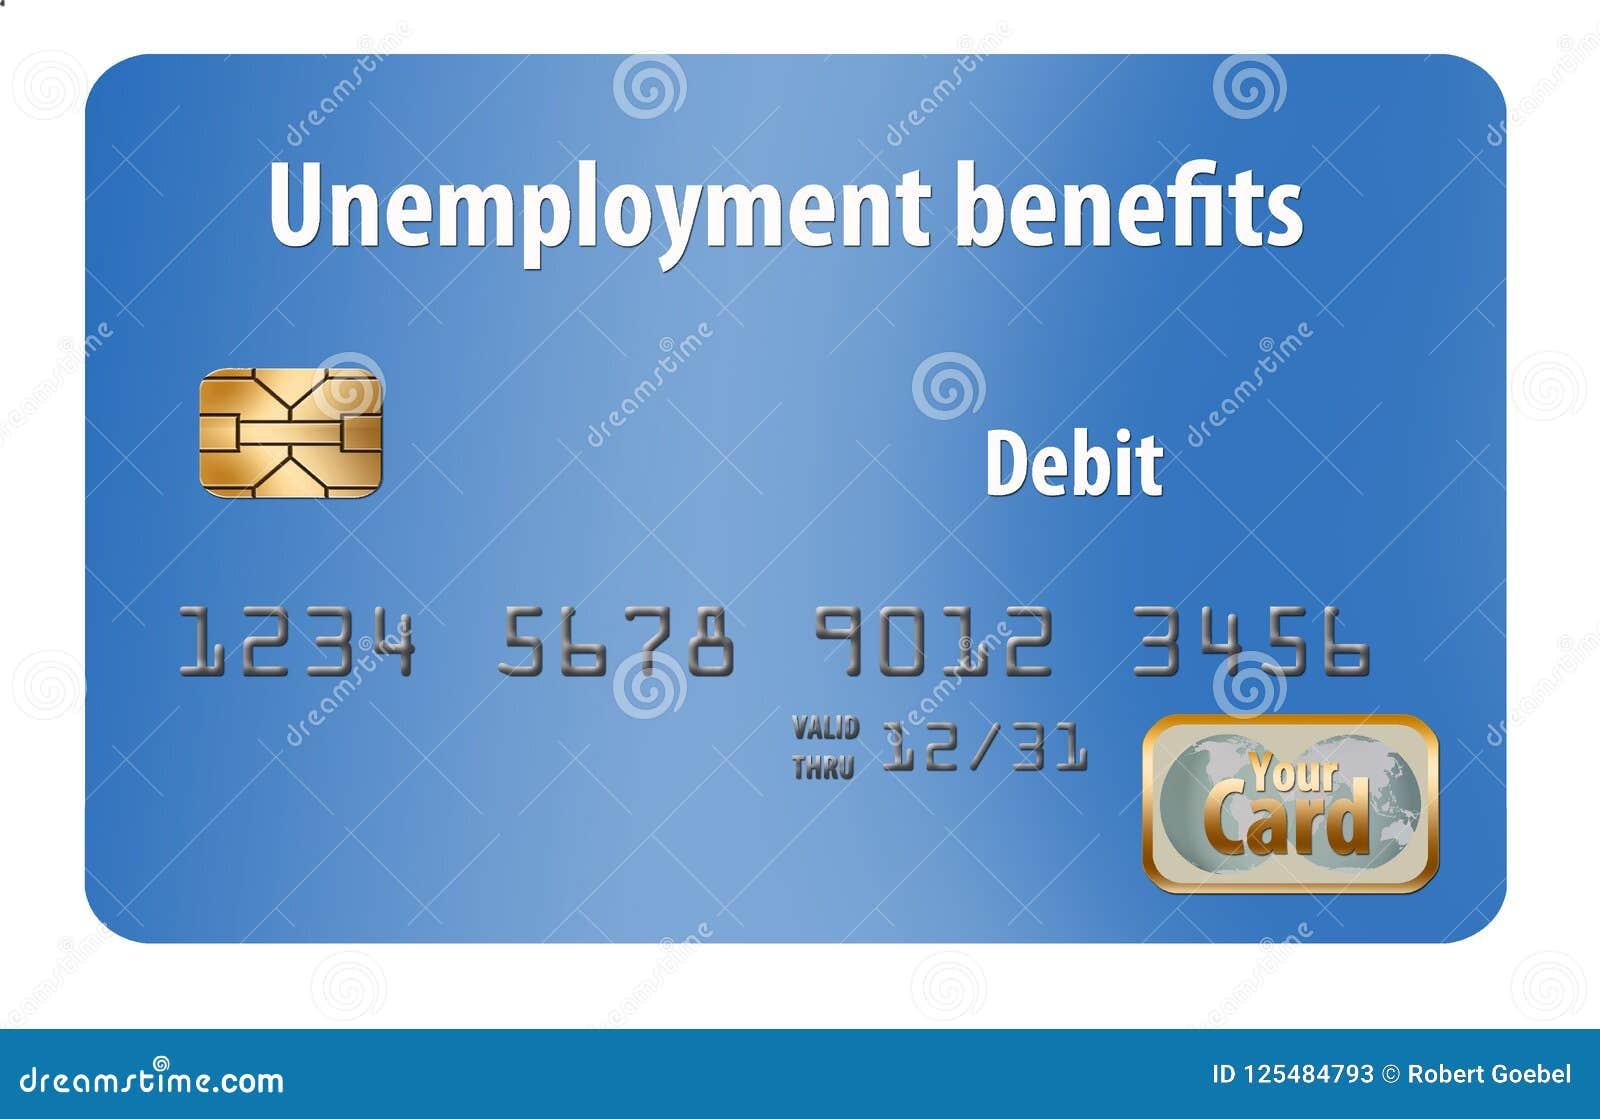 Aquí está una tarjeta de débito genérica de los subsidios de desempleo